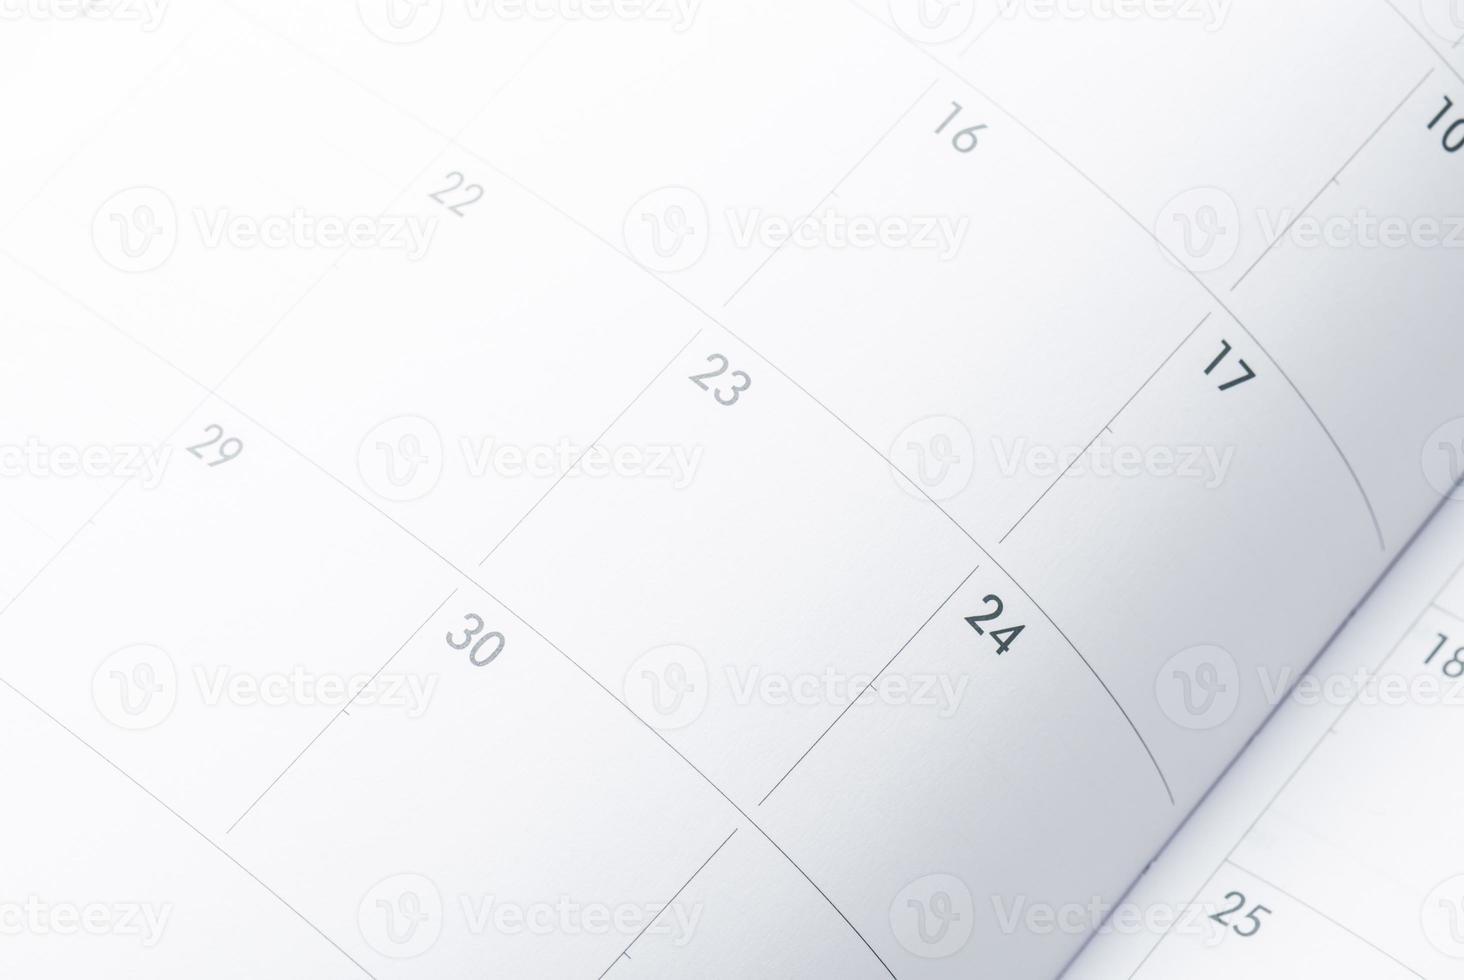 calendario e scadenza. foto